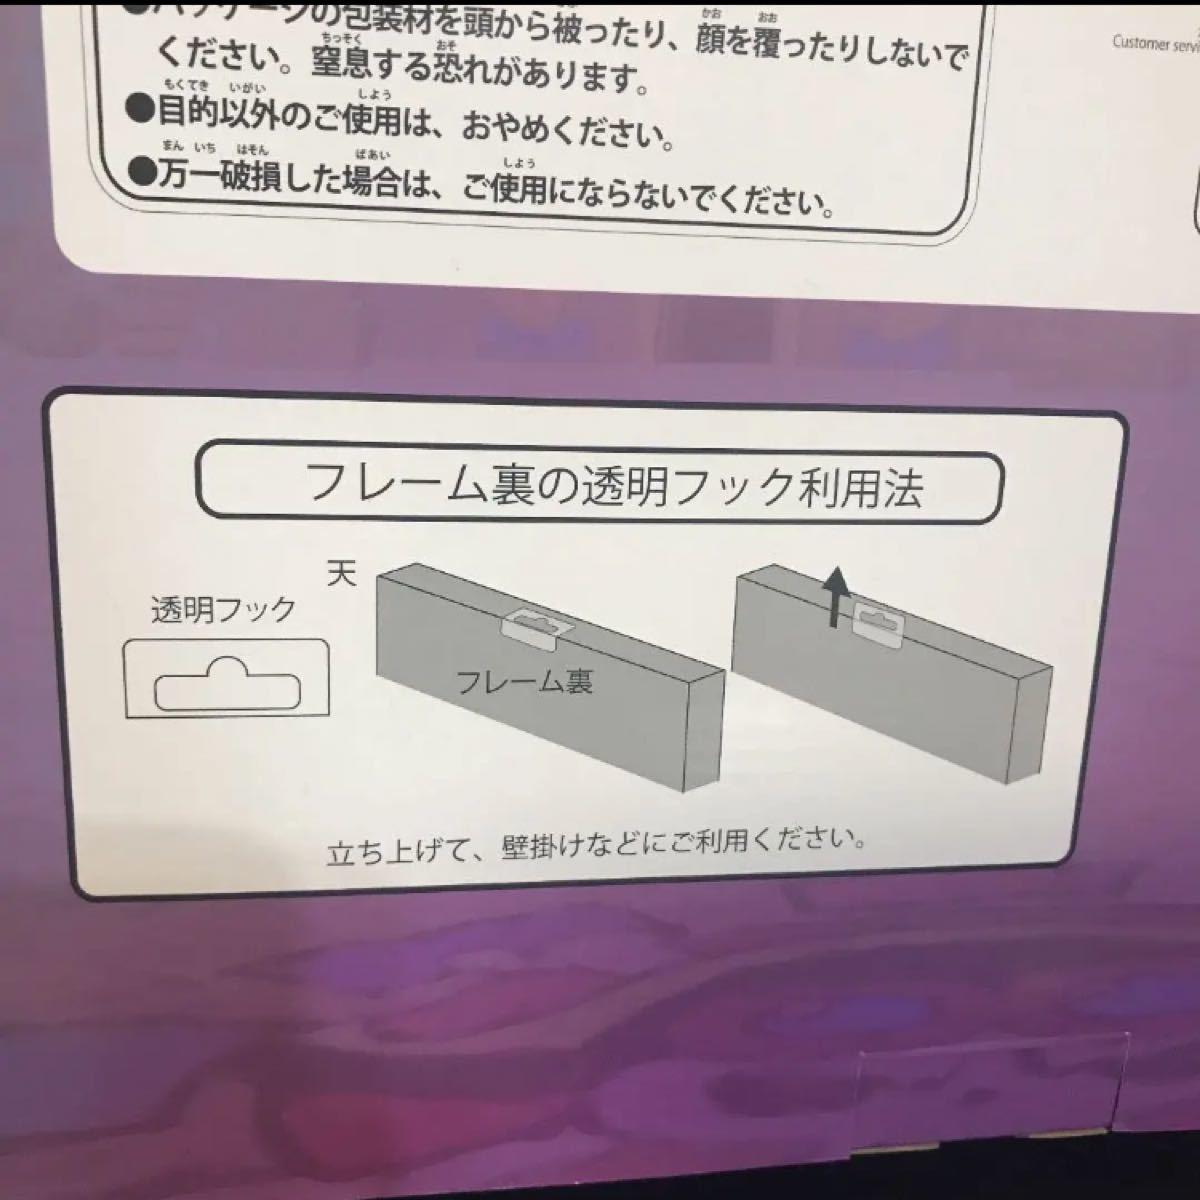 劇場版ワンピース スタンピード 3Dアートパネル A